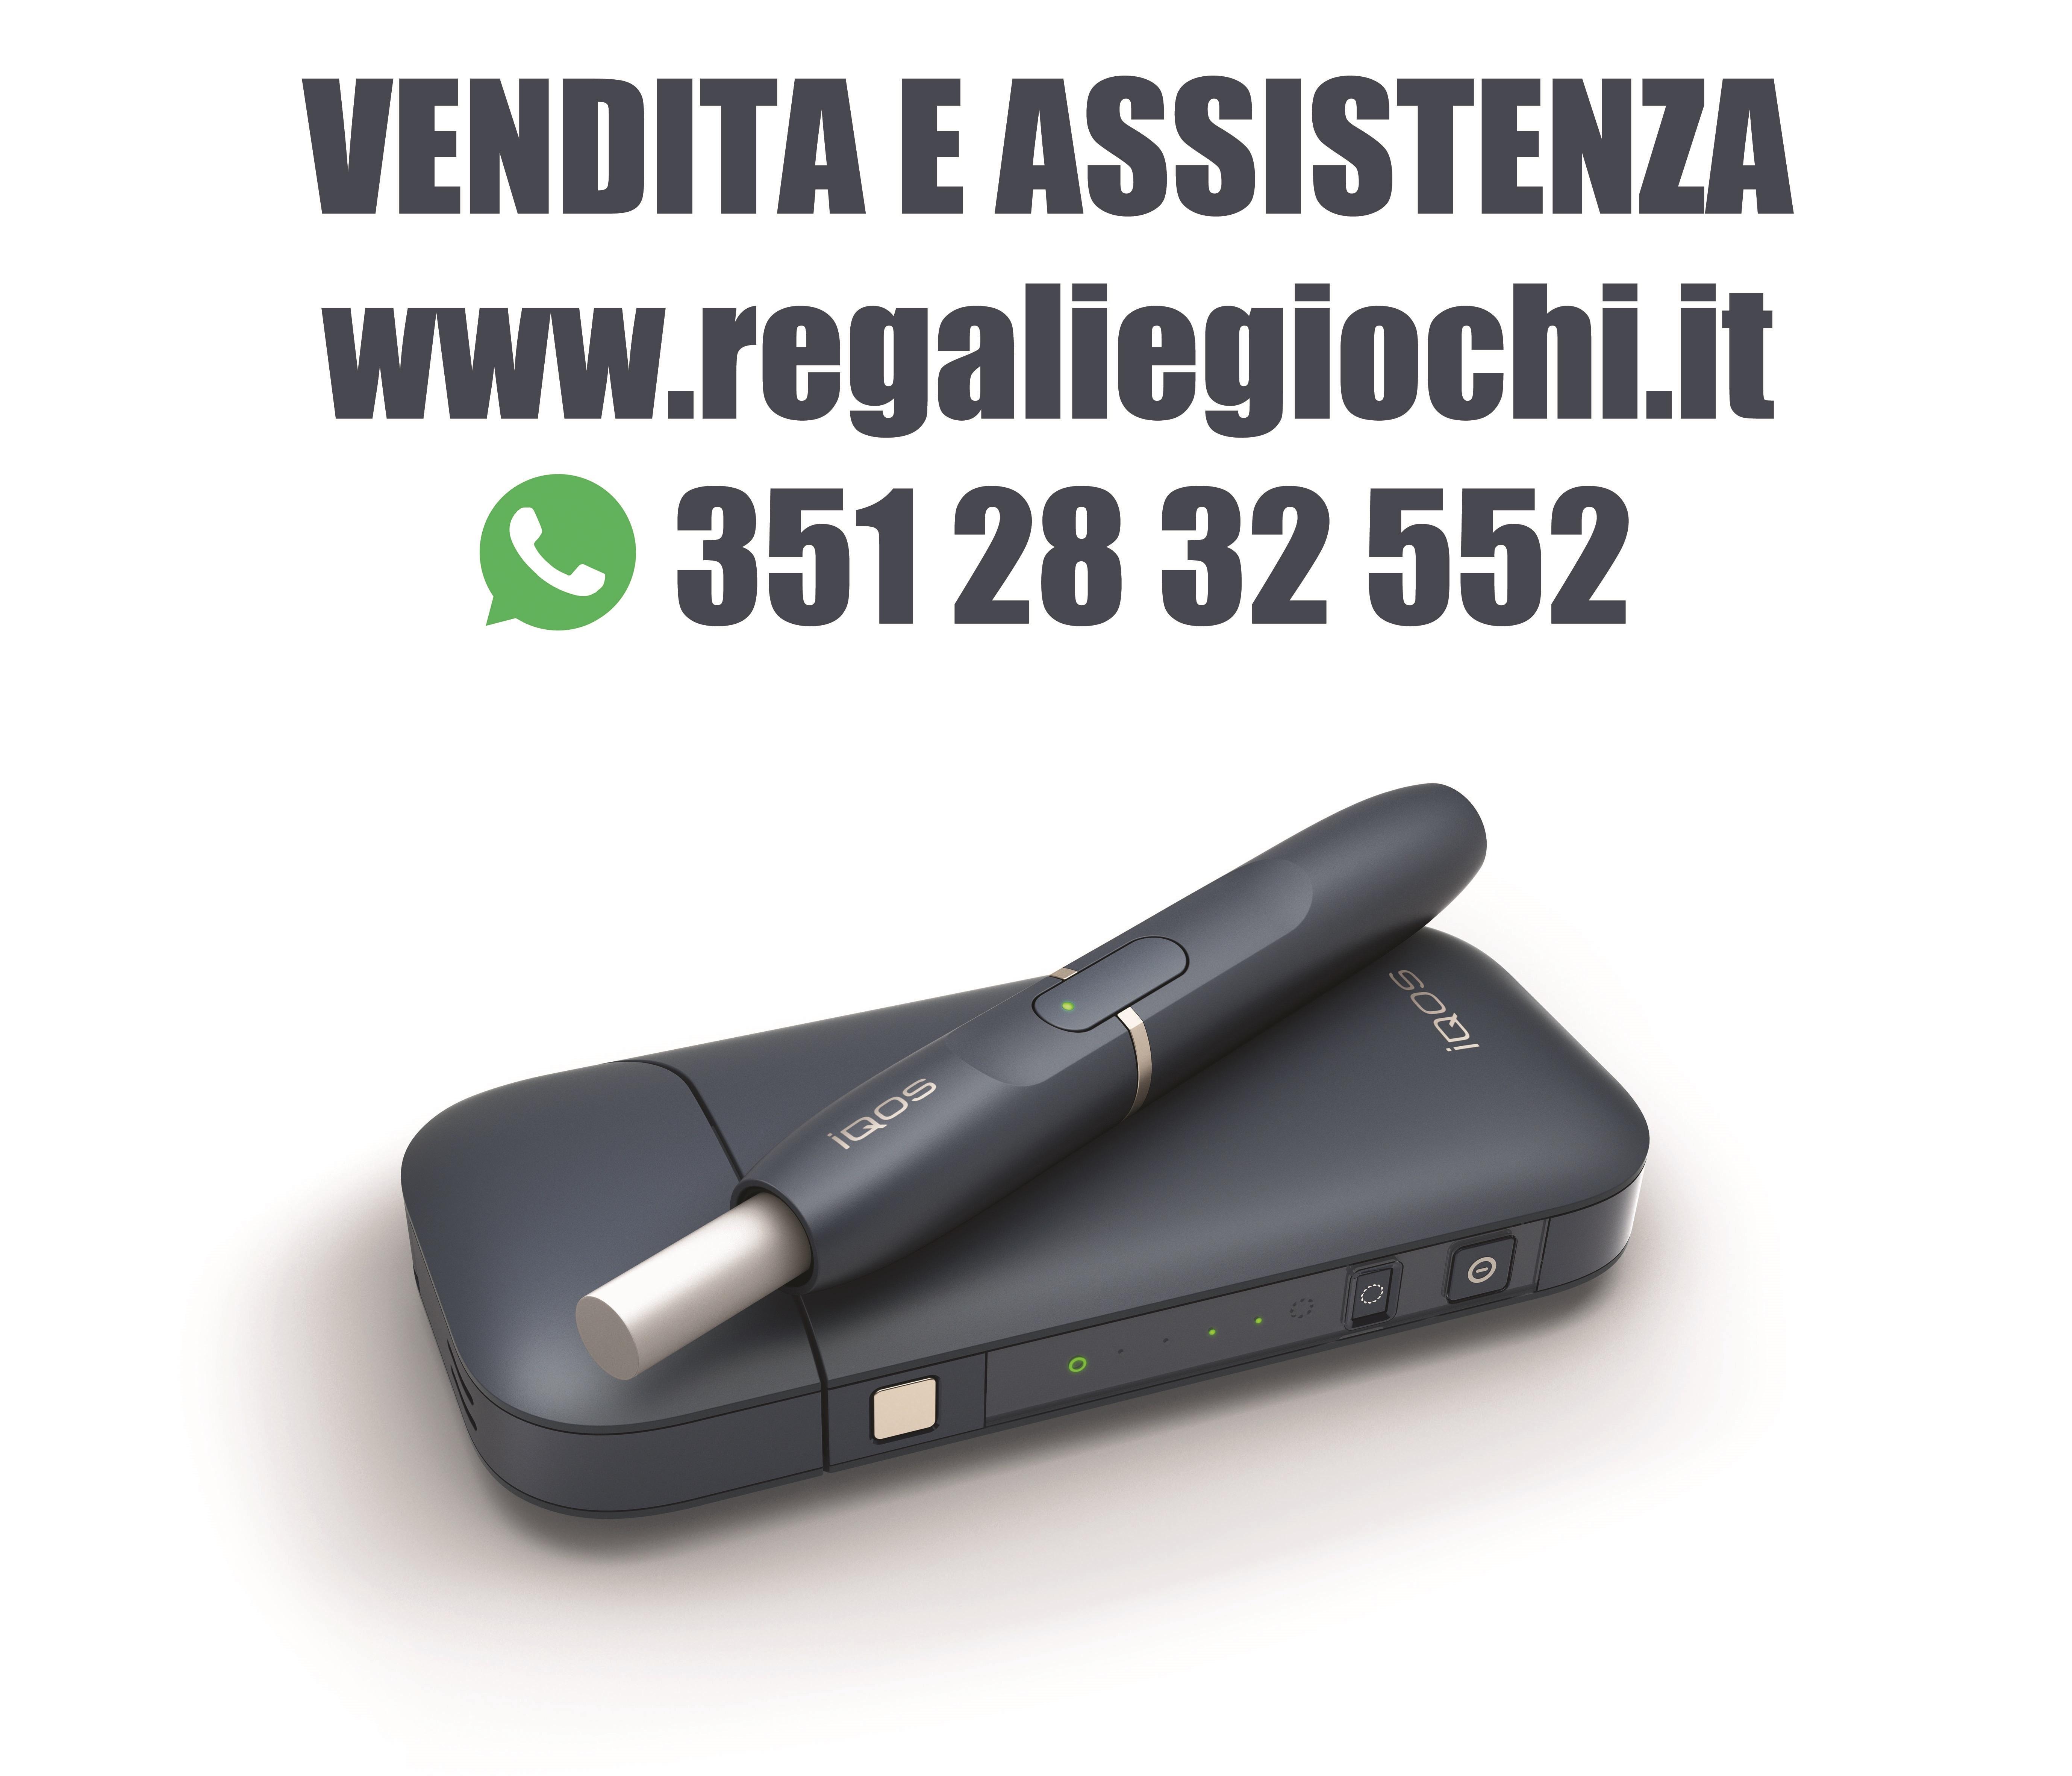 iqos-napoli-vendita-assistenza-provagratuita